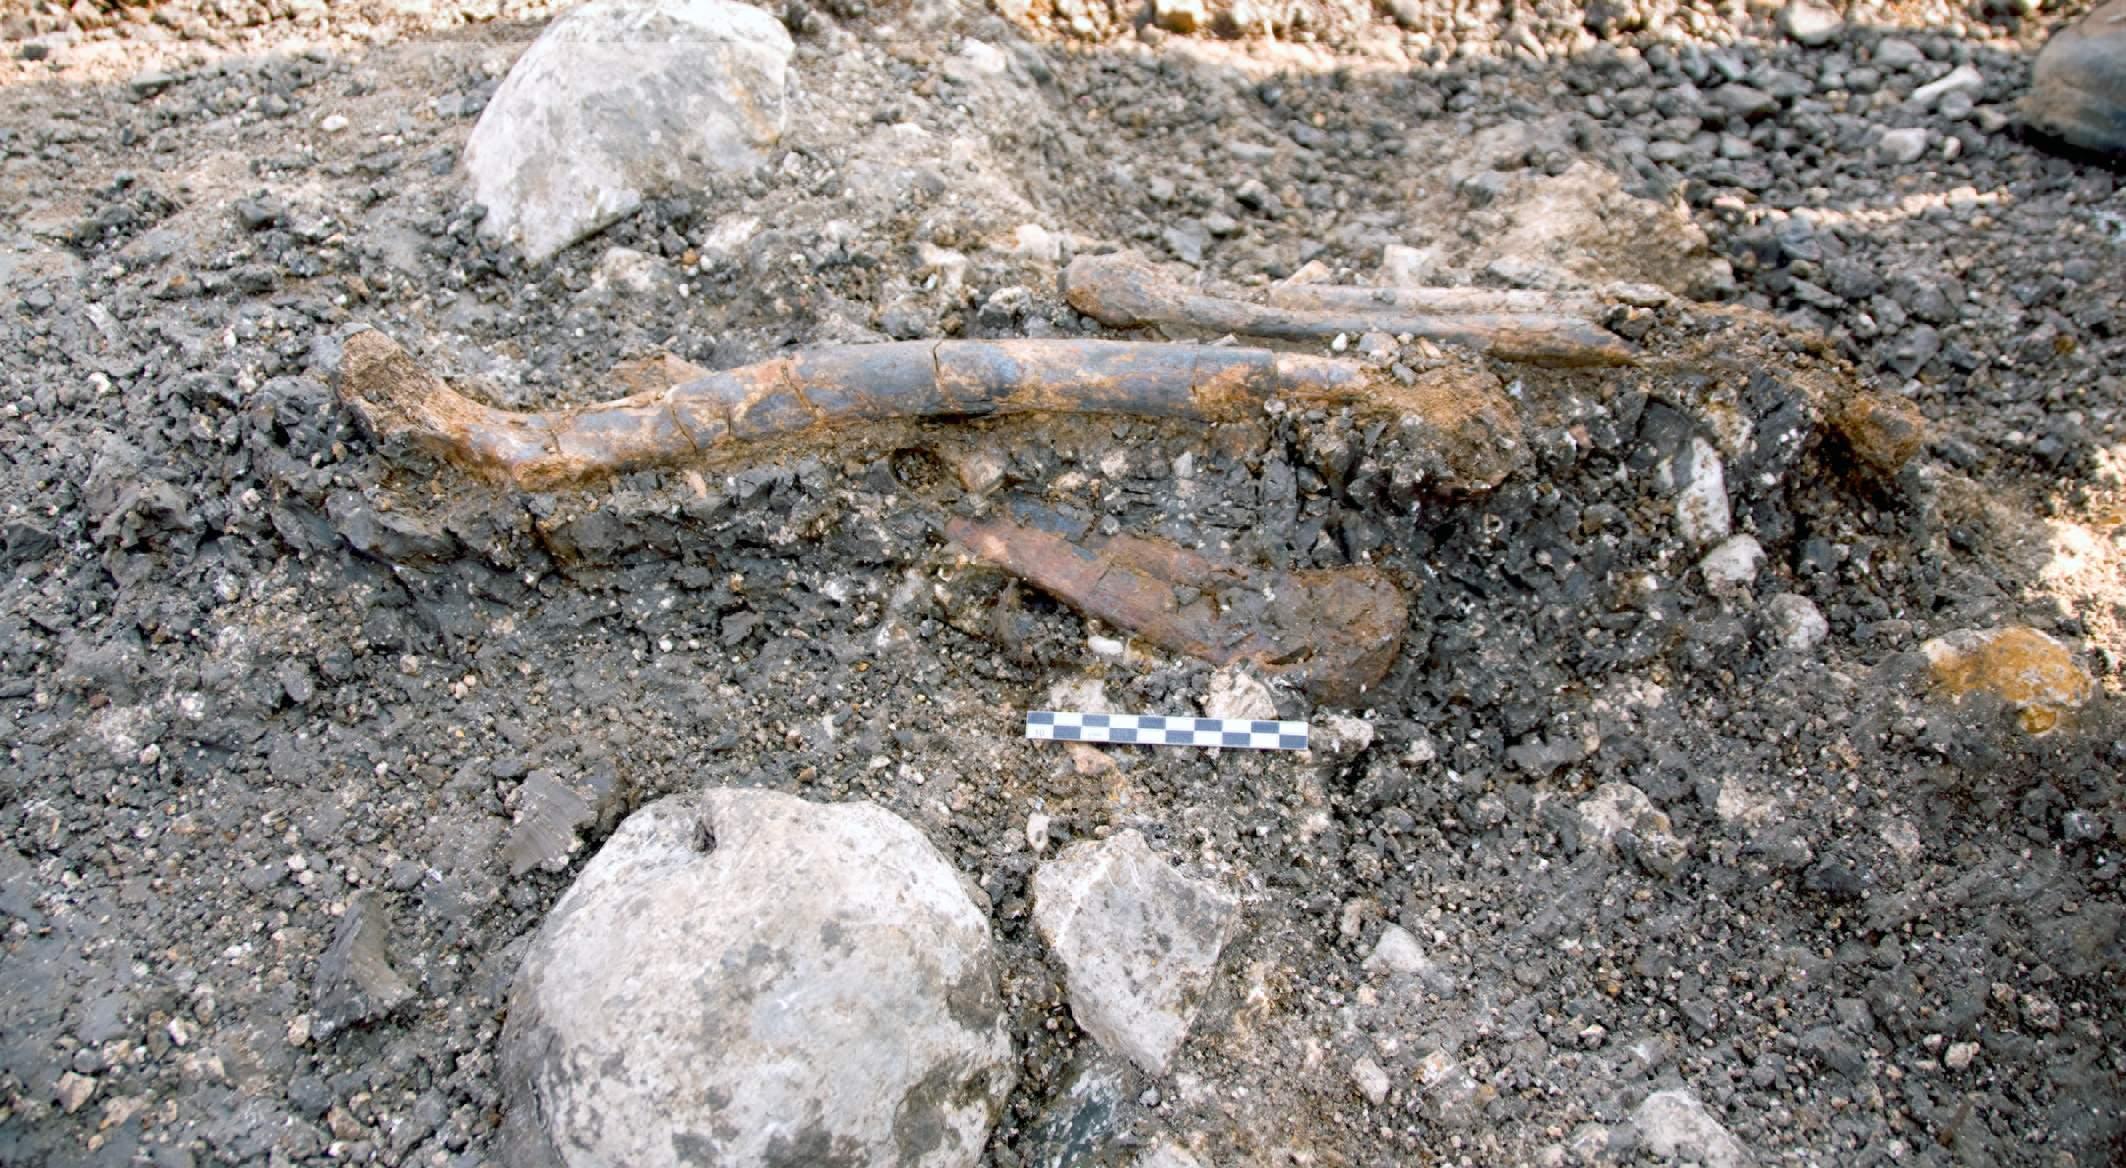 עצמות ניאנדרטל בשטח – עין קשיש. צילום: אראלה חוברס, האוניברסיטה העברית בירושלים